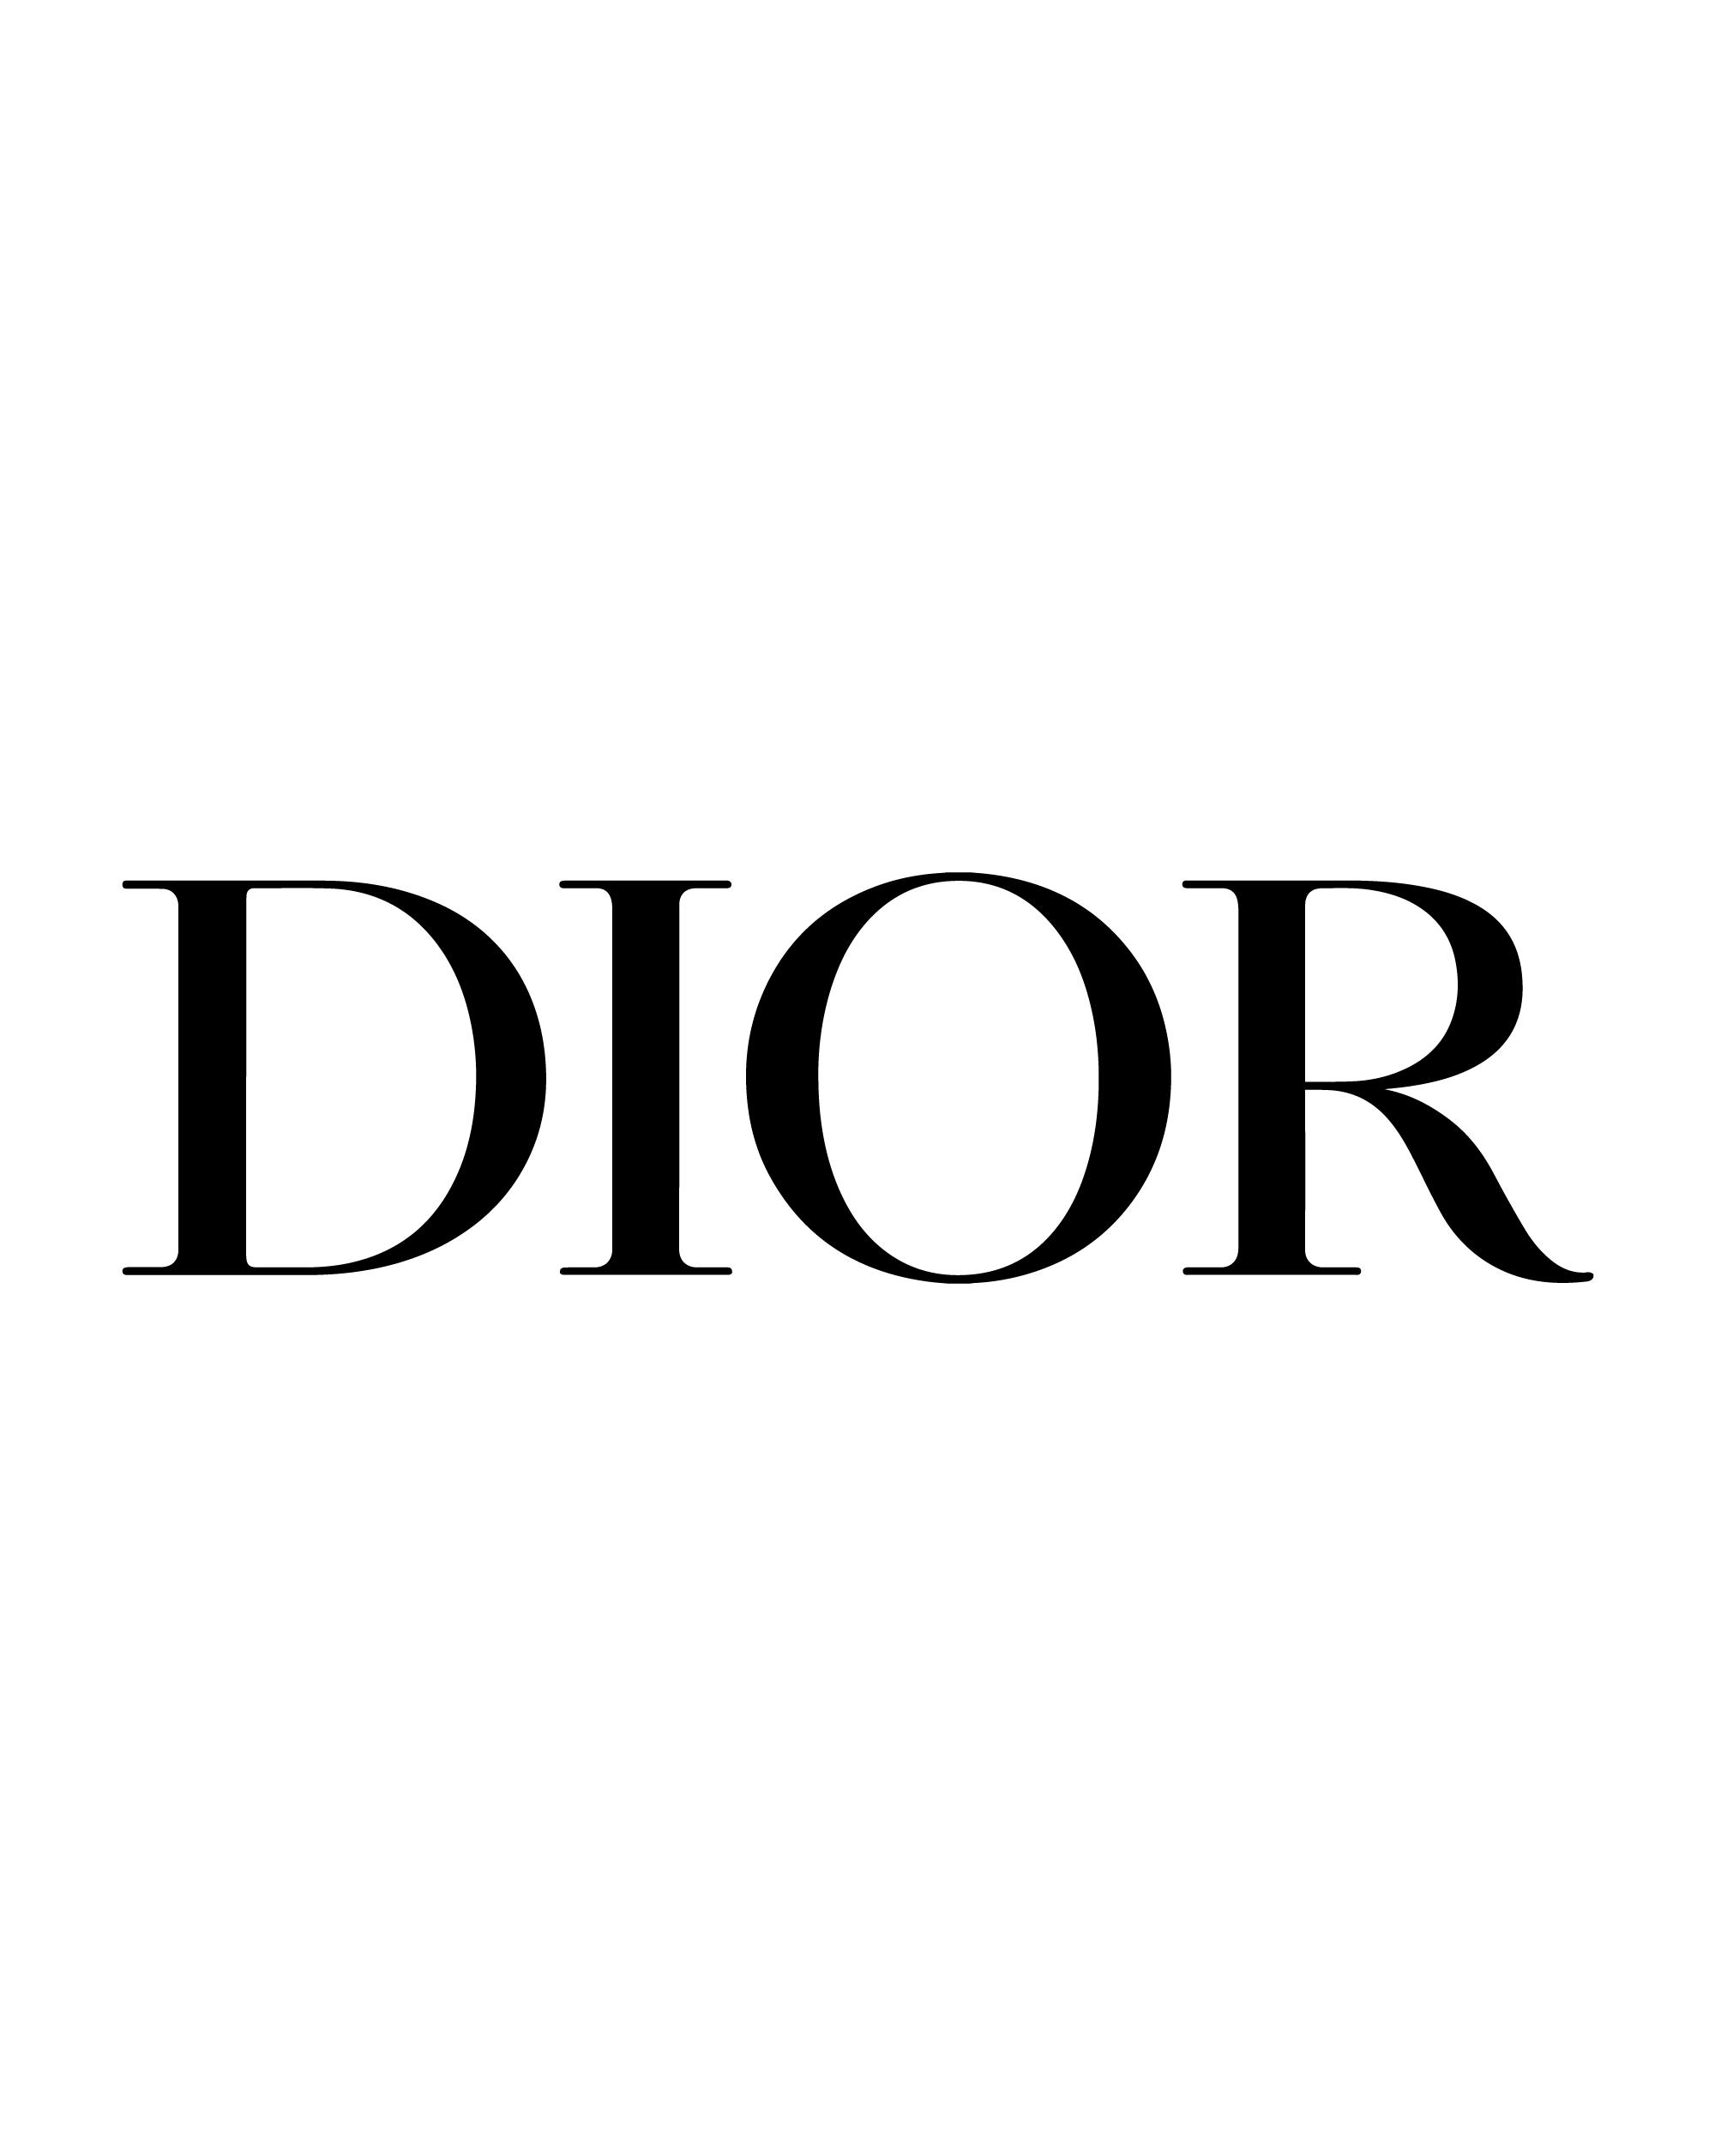 Occhiali-Dior-in-Ticino-Collezione-SS19-Vista-e-Sole.-BELOTTI-Ottica-Udito-Ticino-Lugano-Bellinzona-Campagna-2019